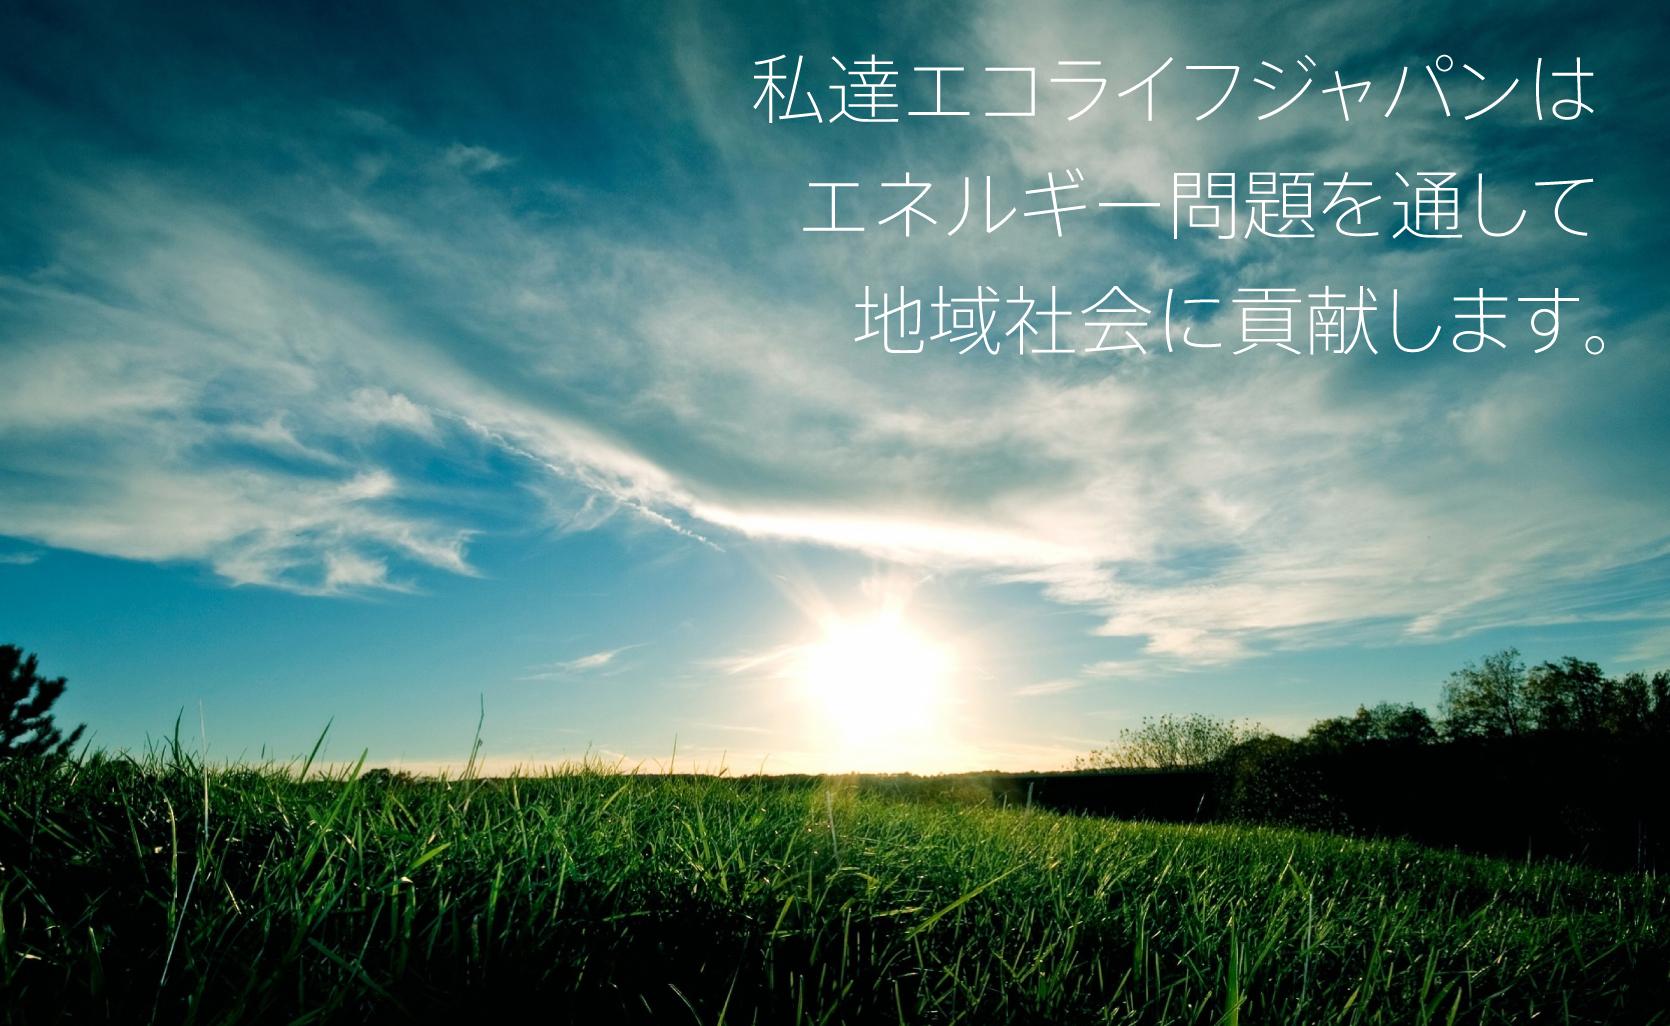 私達エコライフジャパンはエネルギー問題を通して地域社会に貢献します。